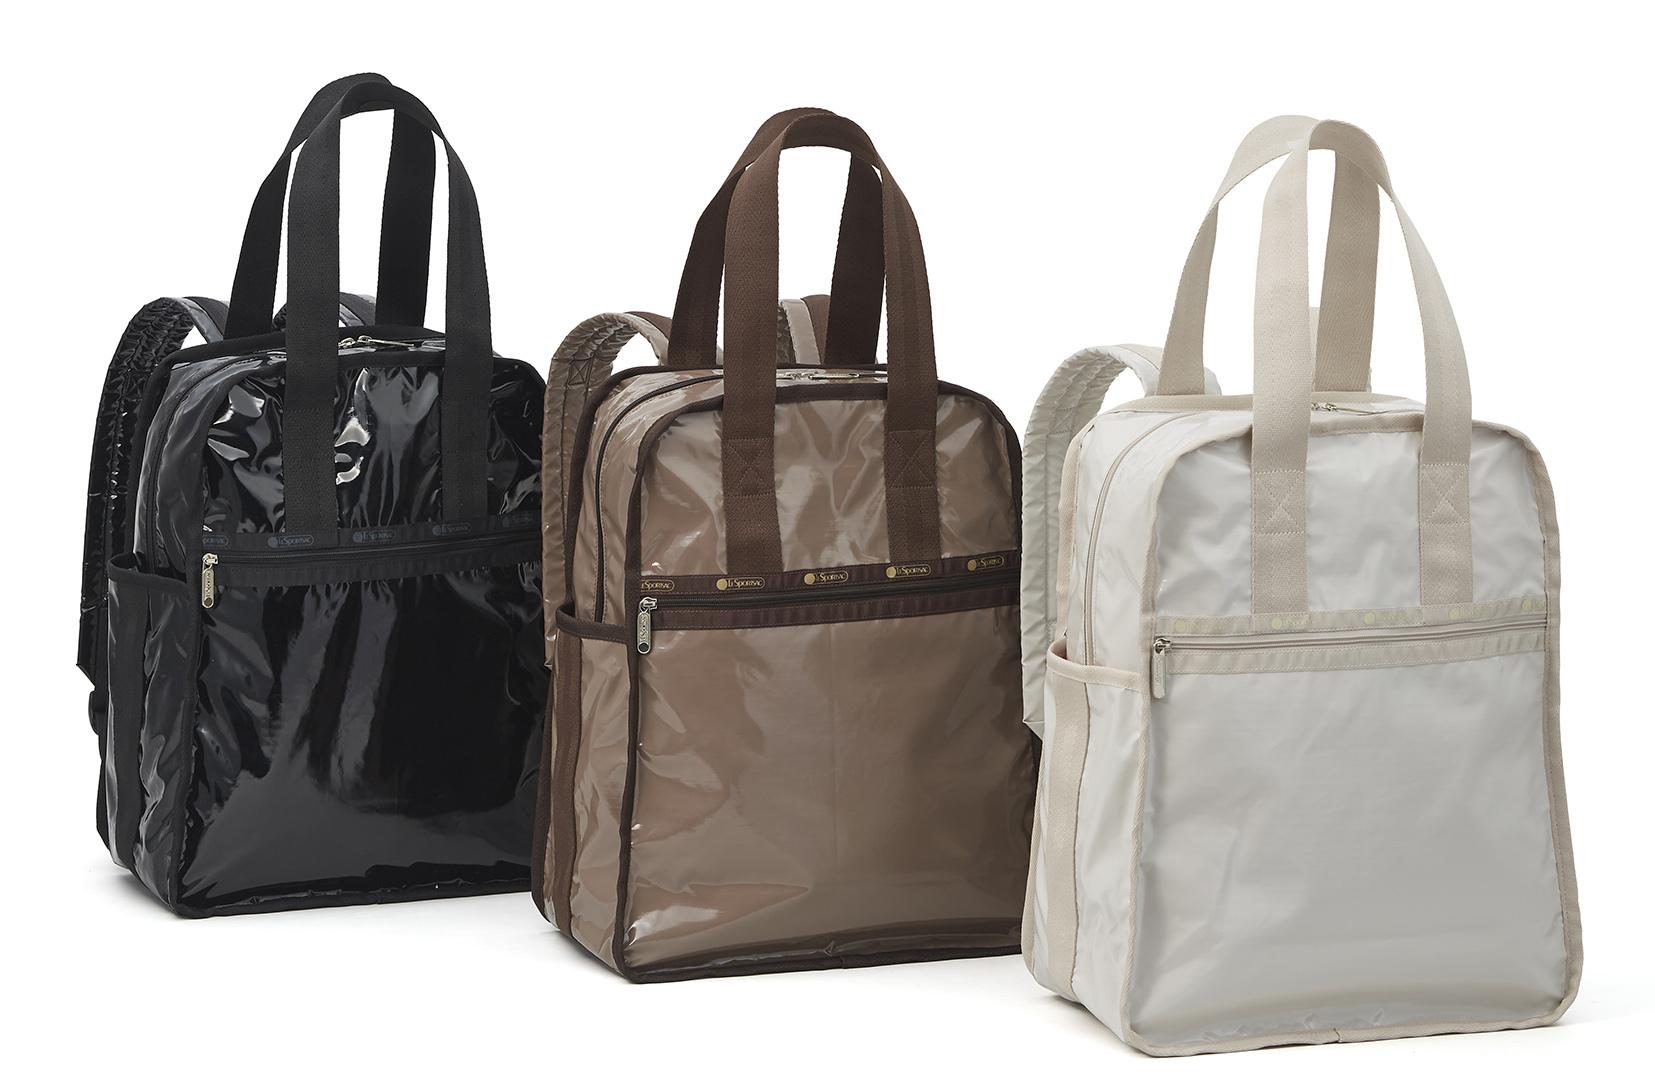 ひとりっぷ×LeSportsacコラボ 旅にも日常にも便利なバッグが登場_1_1